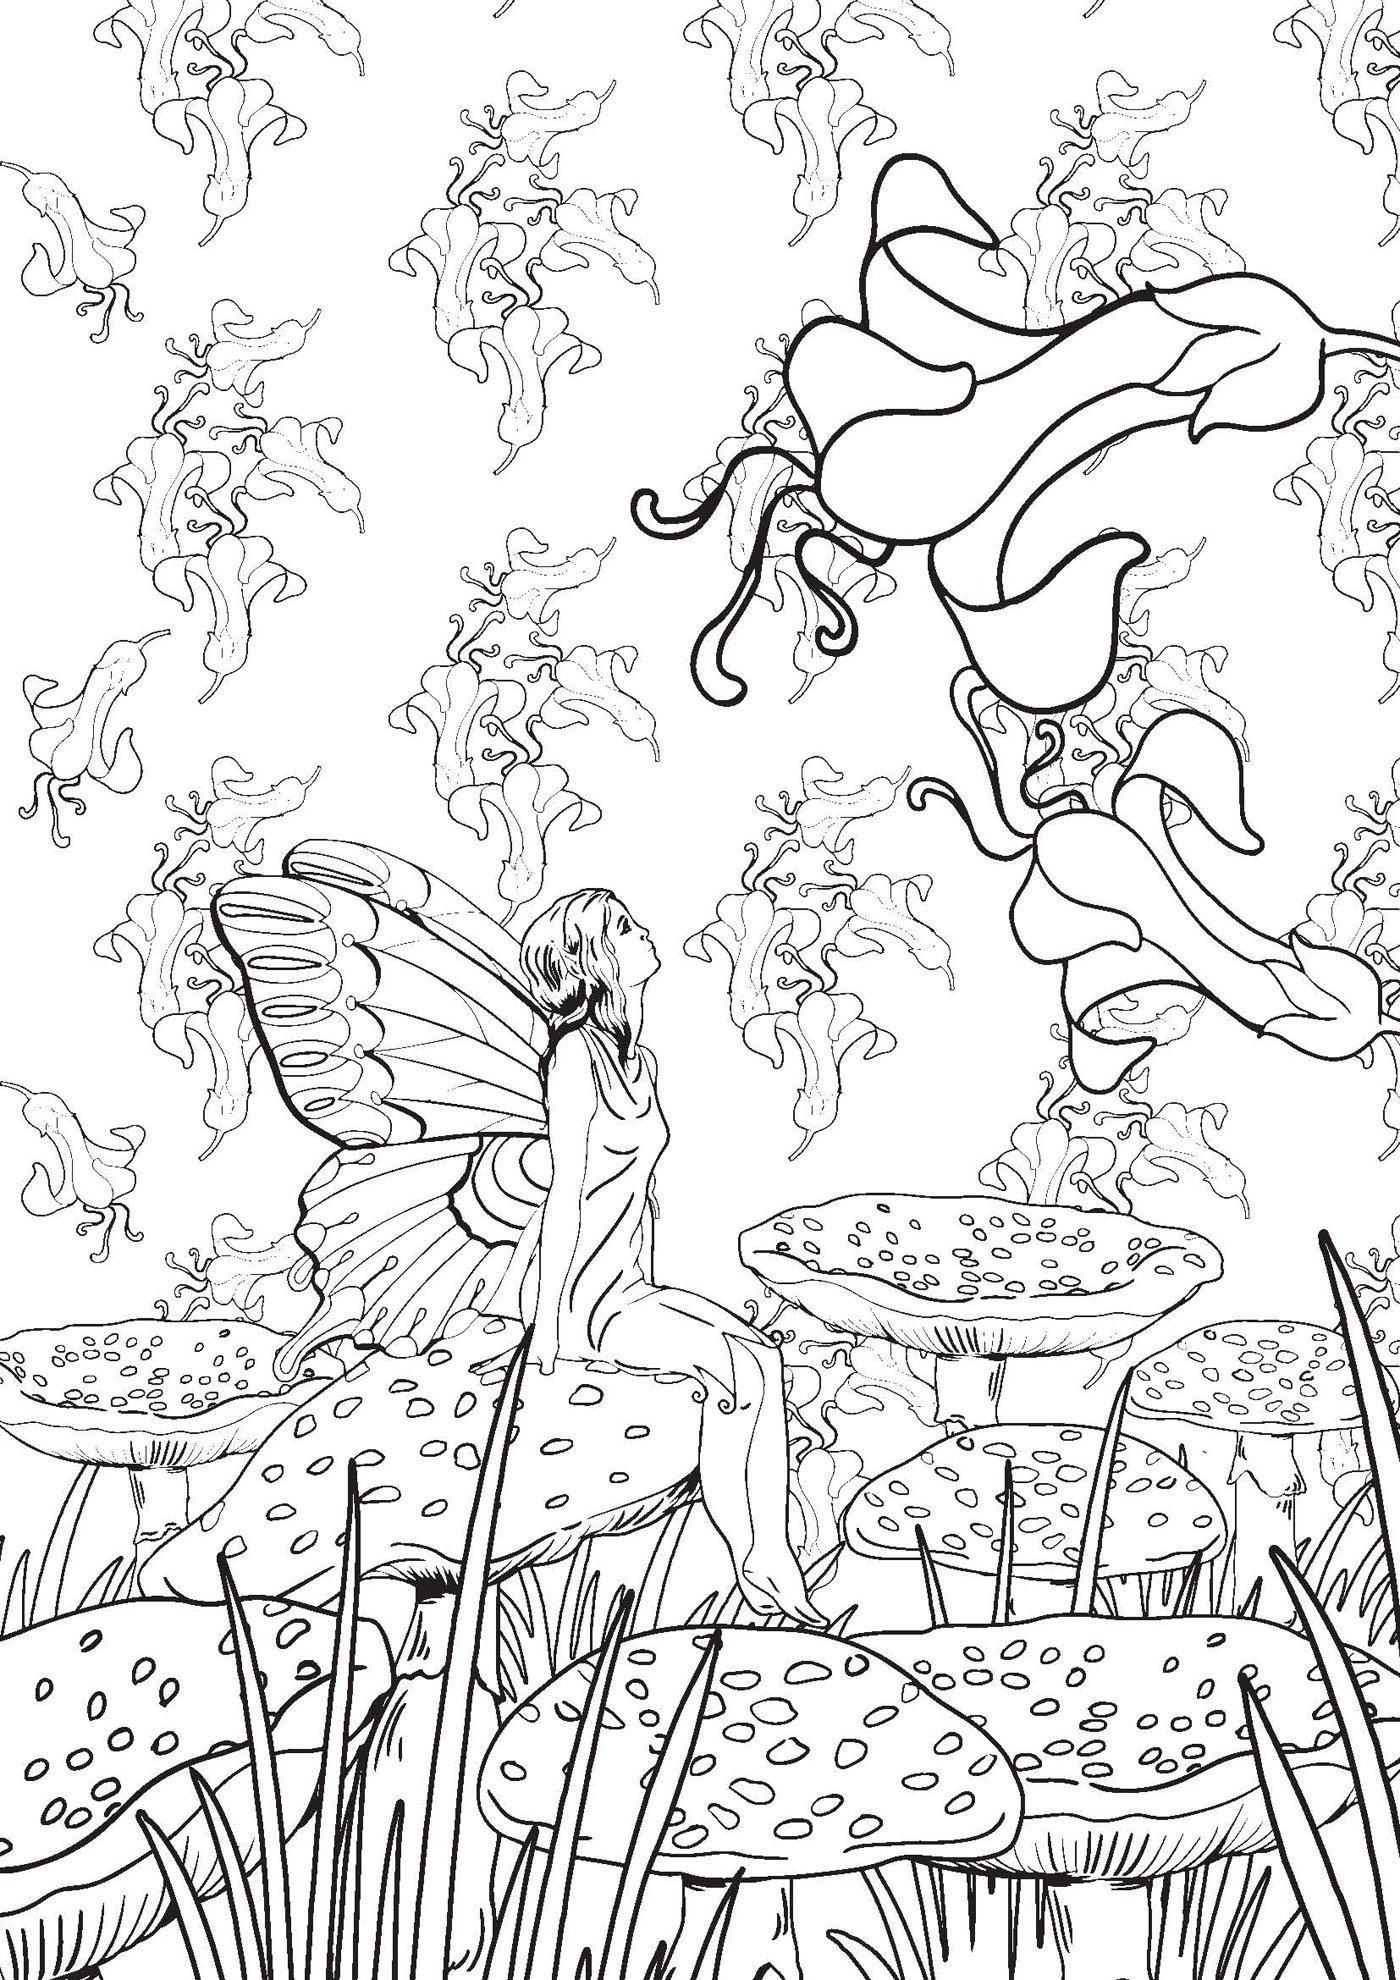 anti stress hachette colorier voir le dessin voir le dessin - Coloriage Anti Stress Hachette